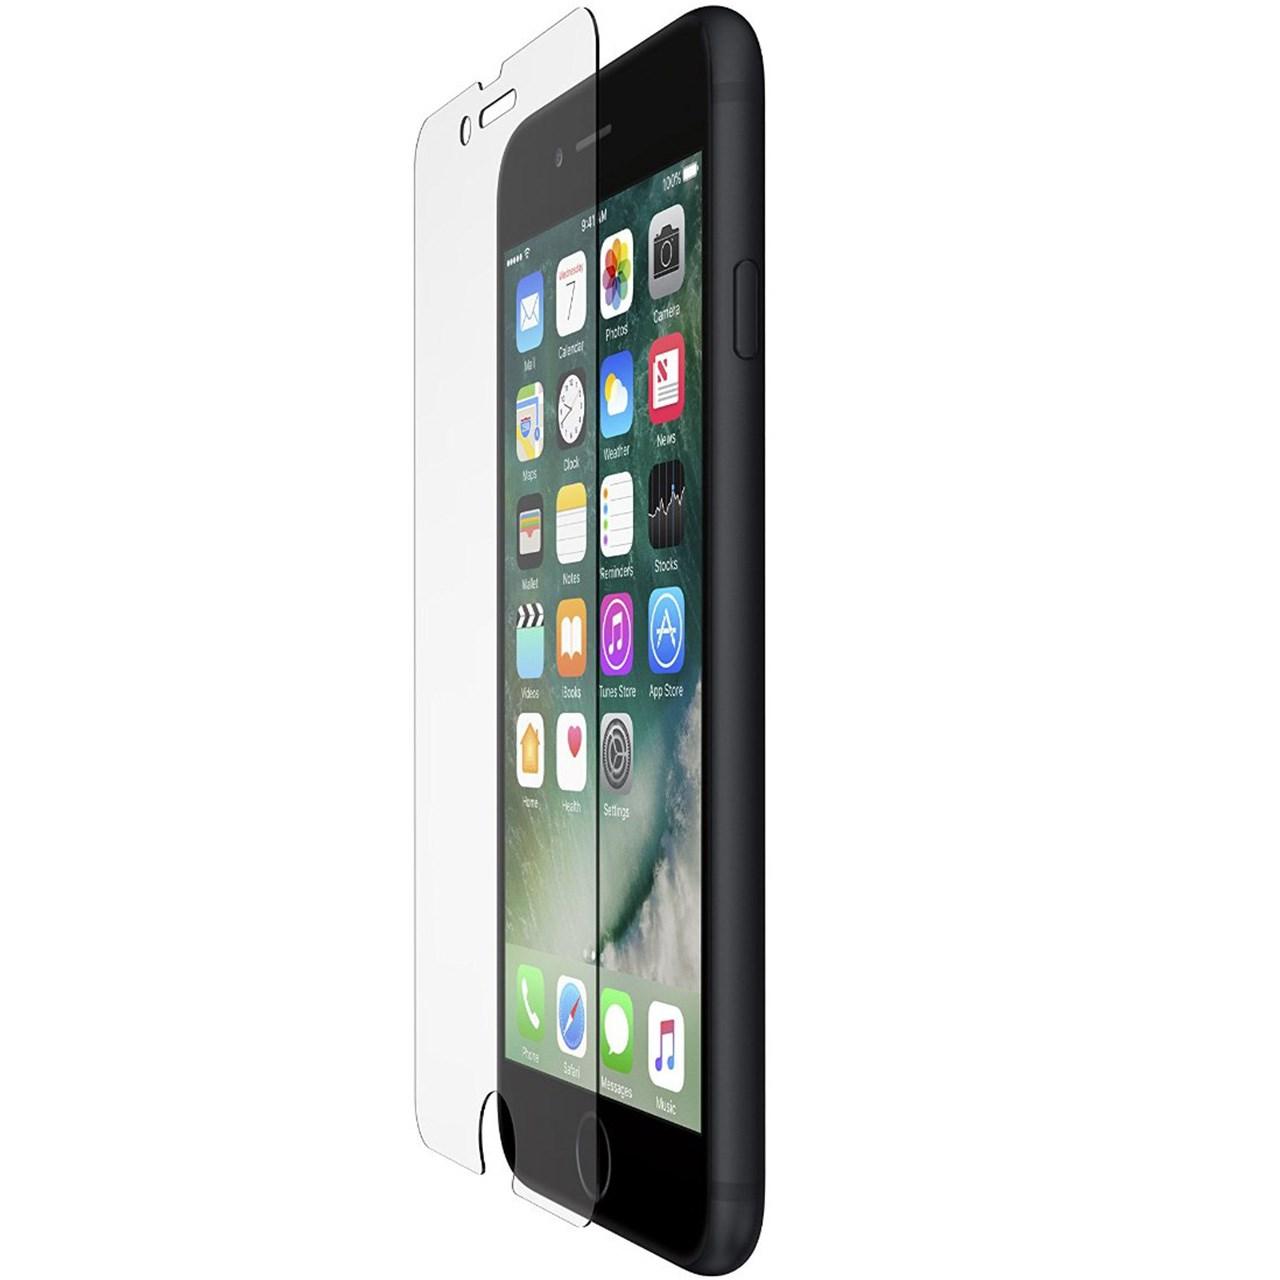 محافظ صفحه نمایش شیشه ای بلکین مدل ScreenForce مناسب برای گوشی موبایل آیفون 7